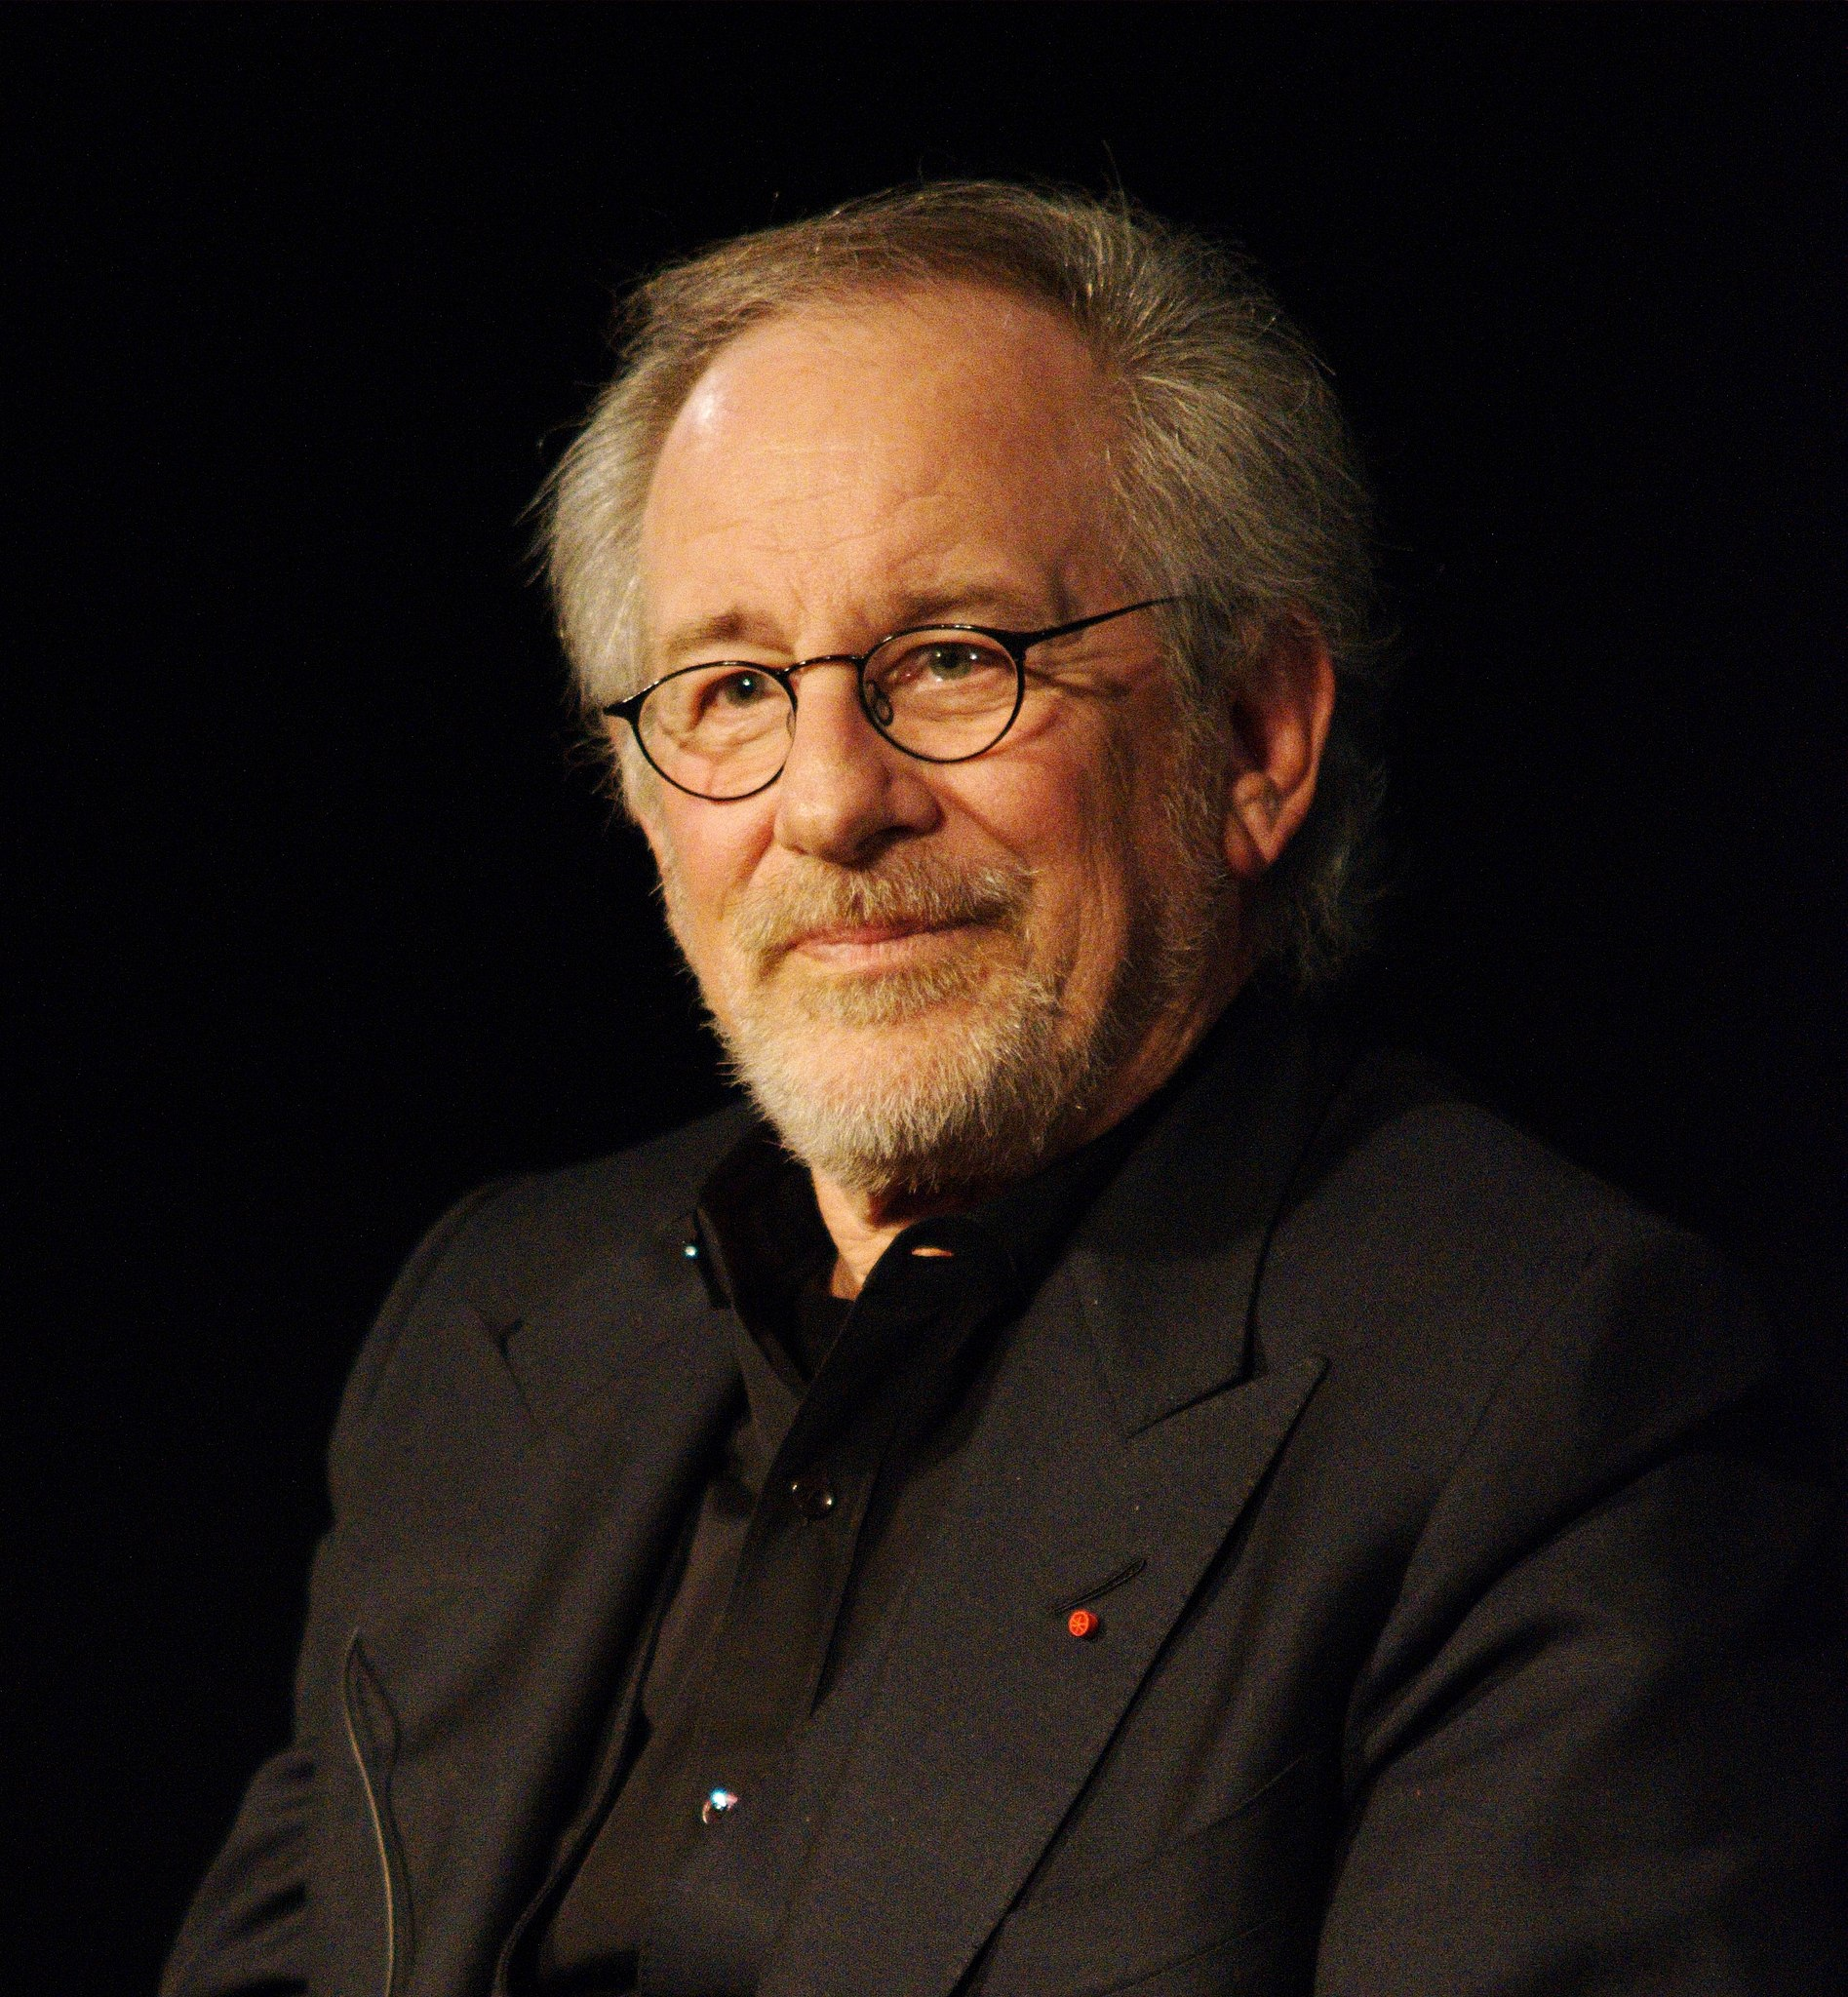 Steven Spielberg börjar samarbeta med Netflix Amblin Partners och Netflix ska göra fler filmer per år tillsammans